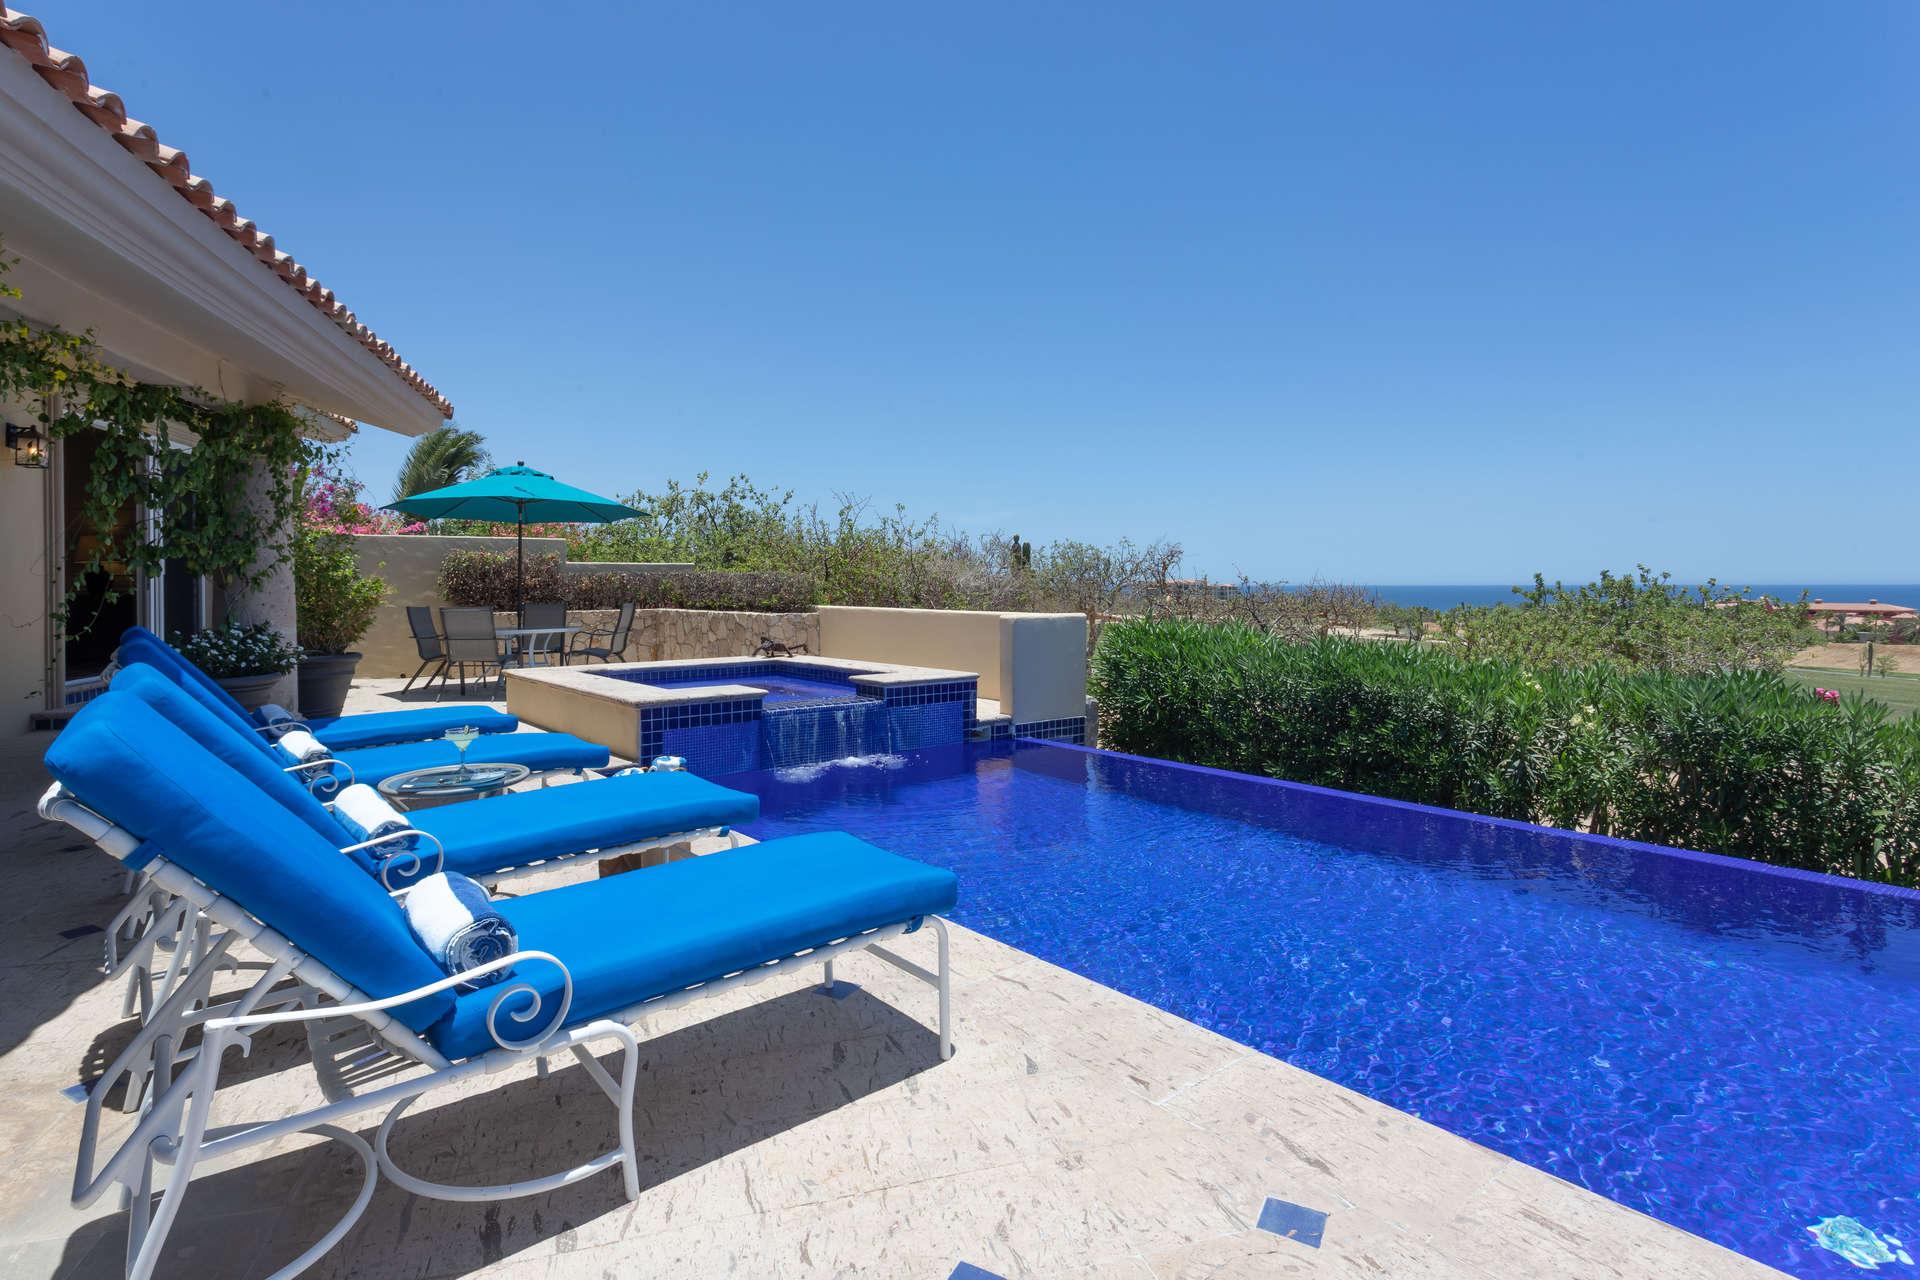 Luxury vacation rentals mexico - Los cabos - Los cabos corridor - Cabo delsol - Casa Stamm - Image 1/30